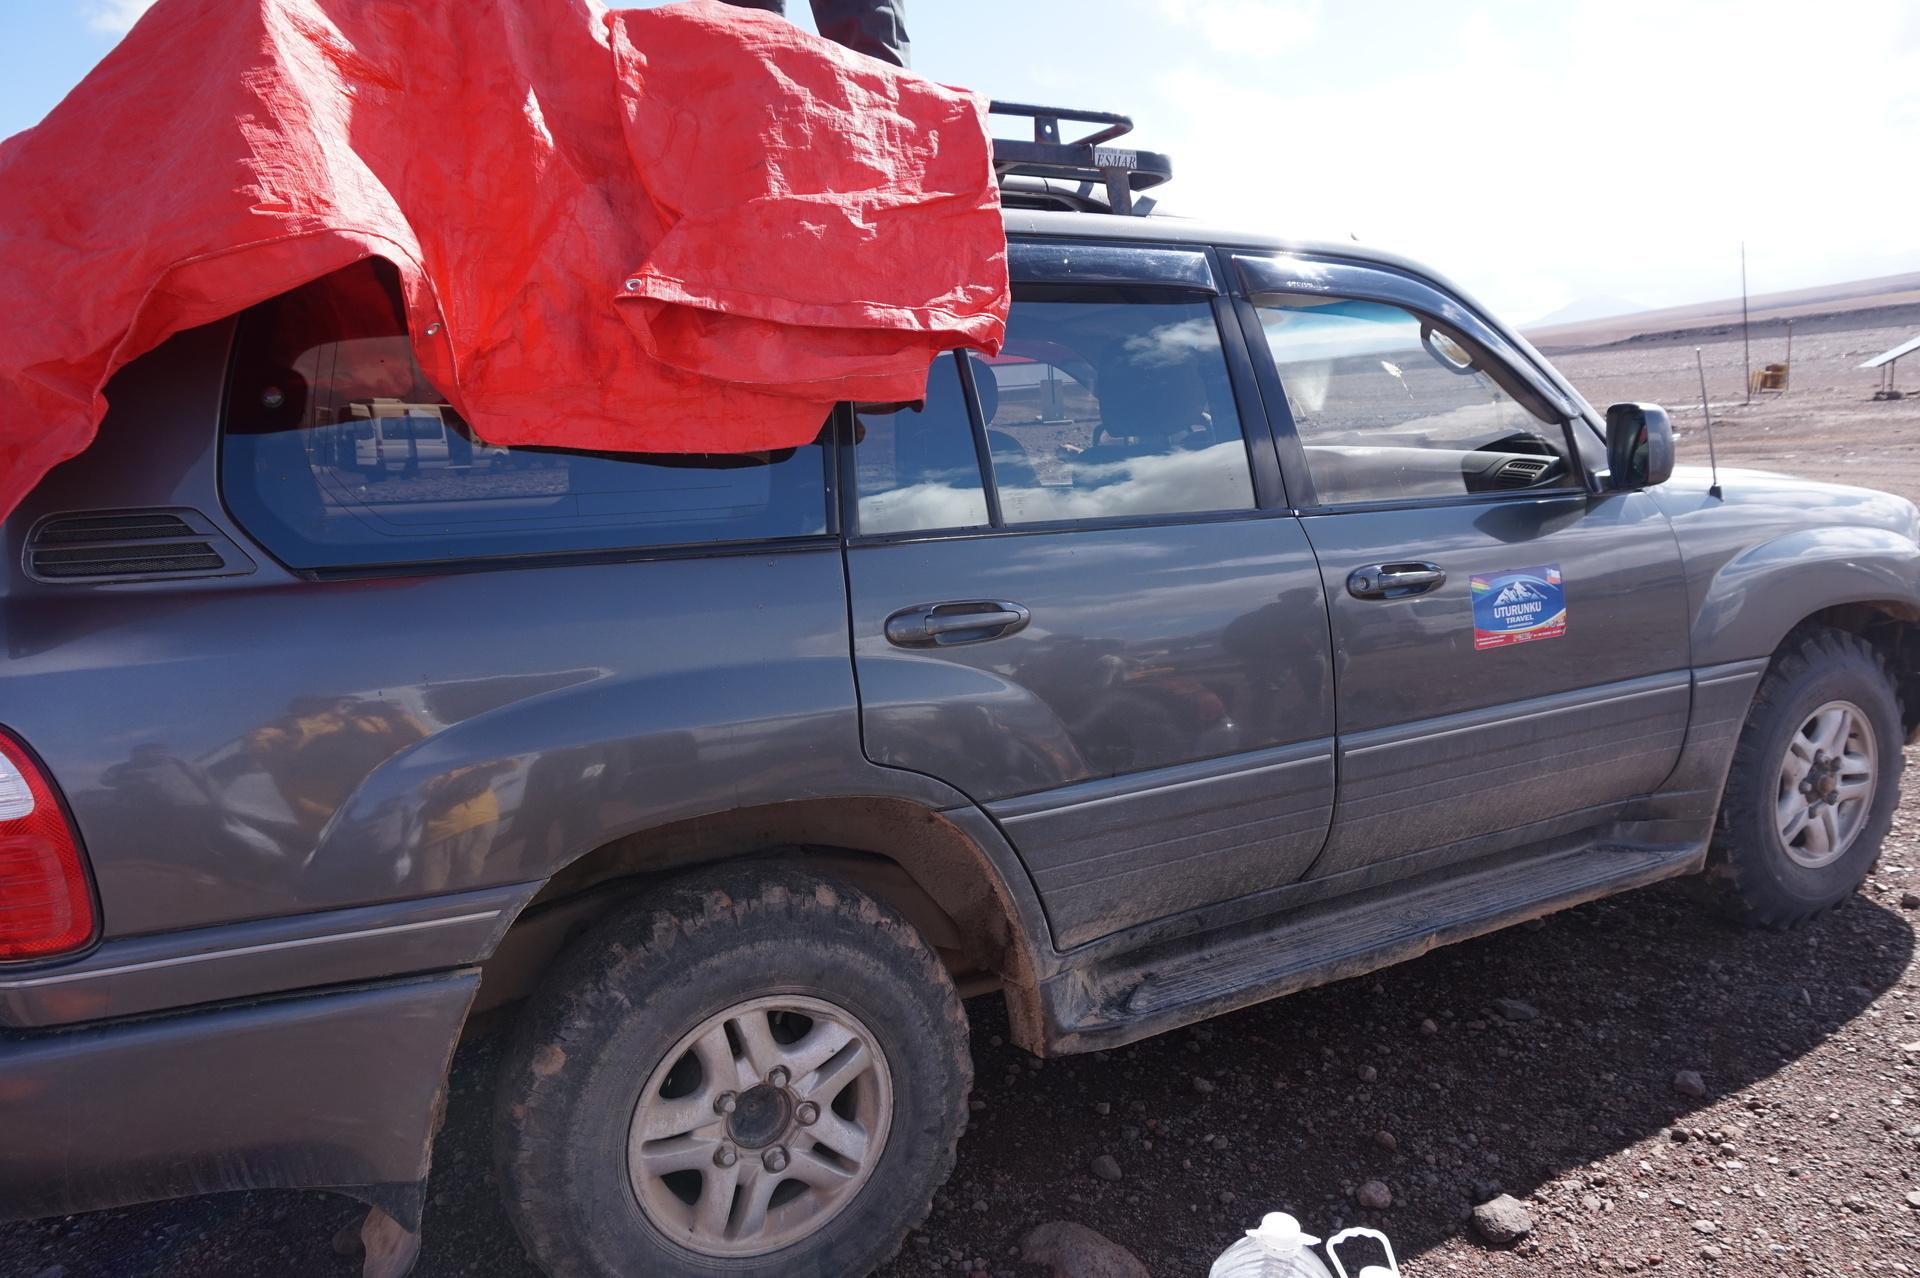 チリ ボリビア ウユニ旅行 2泊3日ツアー ランドクルーザー搭乗